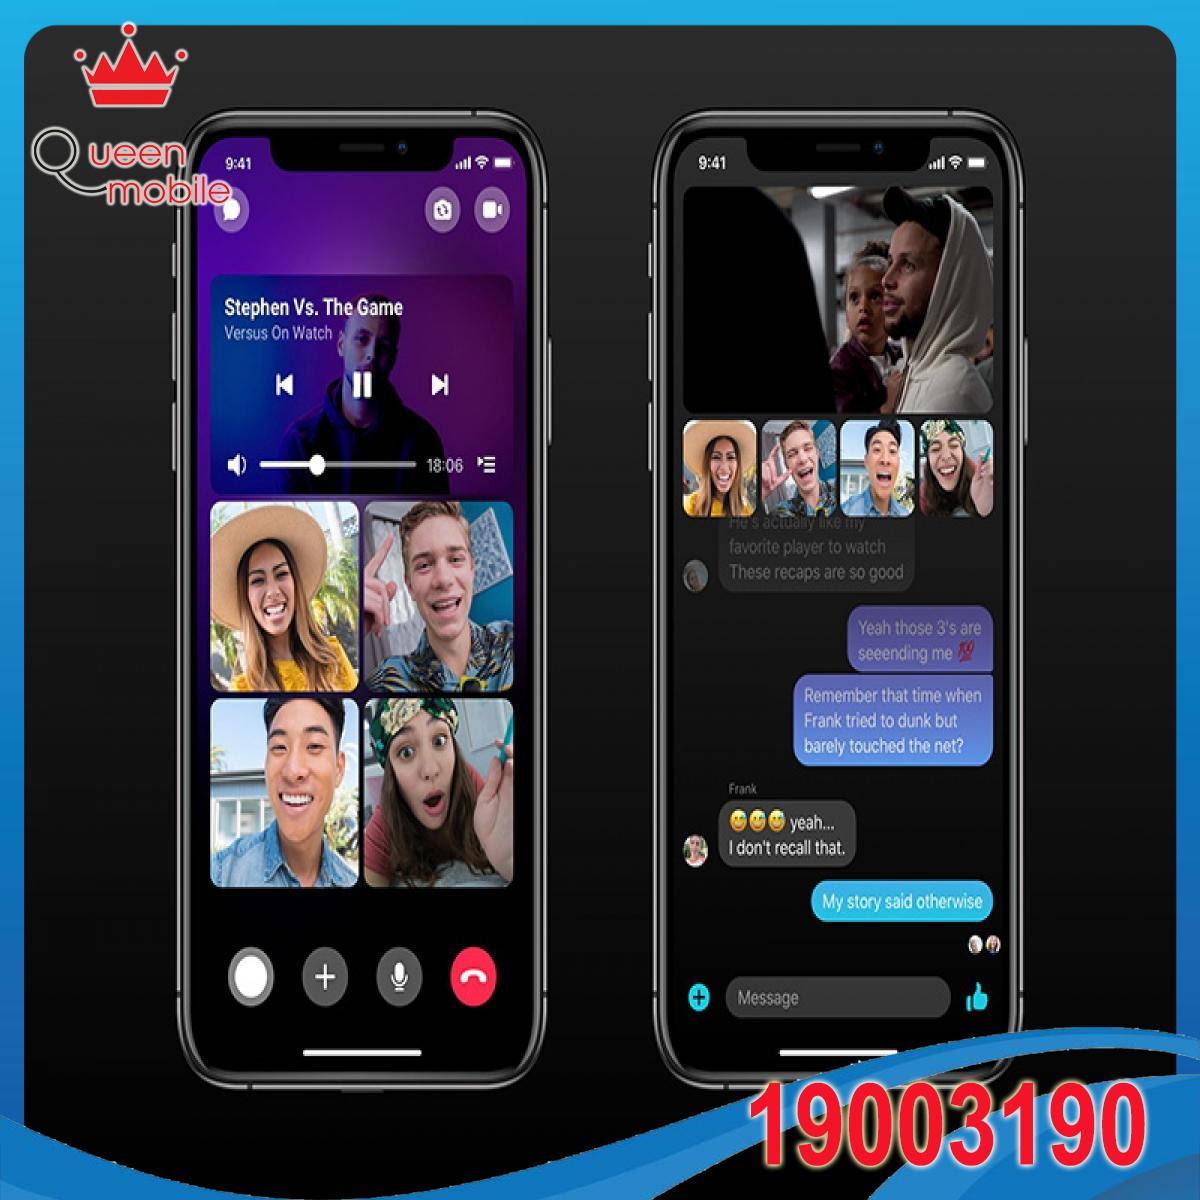 Tin tức về Messenger: ứng dụng cho iOS sẽ nhẹ dưới 30MB, xem video cùng nhau, có app cho máy tính,…